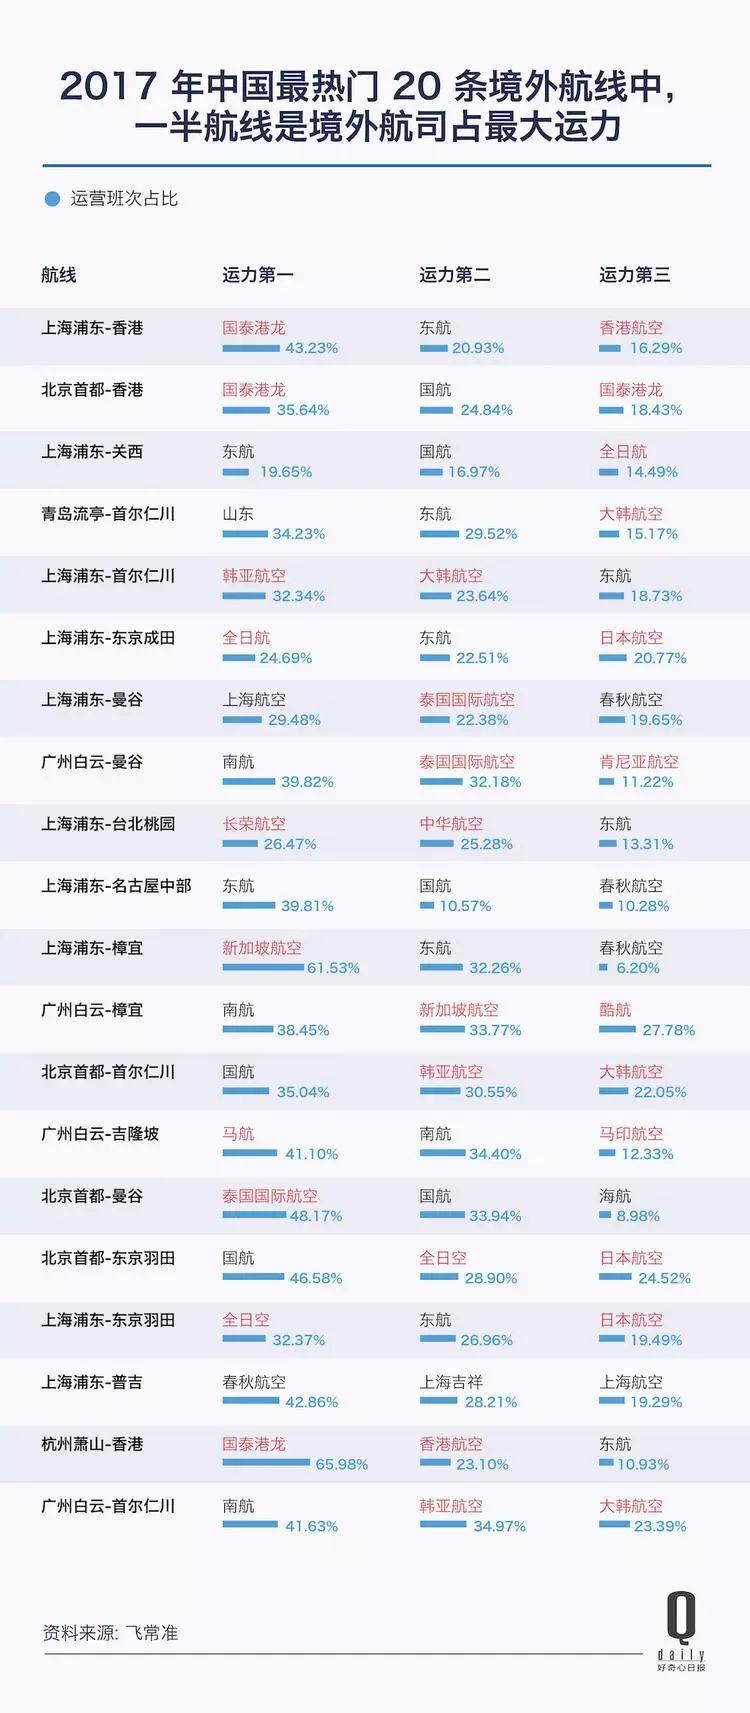 中国人坐飞机没太大变化,但三大航空公司利润空前,13 张图带你看这个市场发生了什么